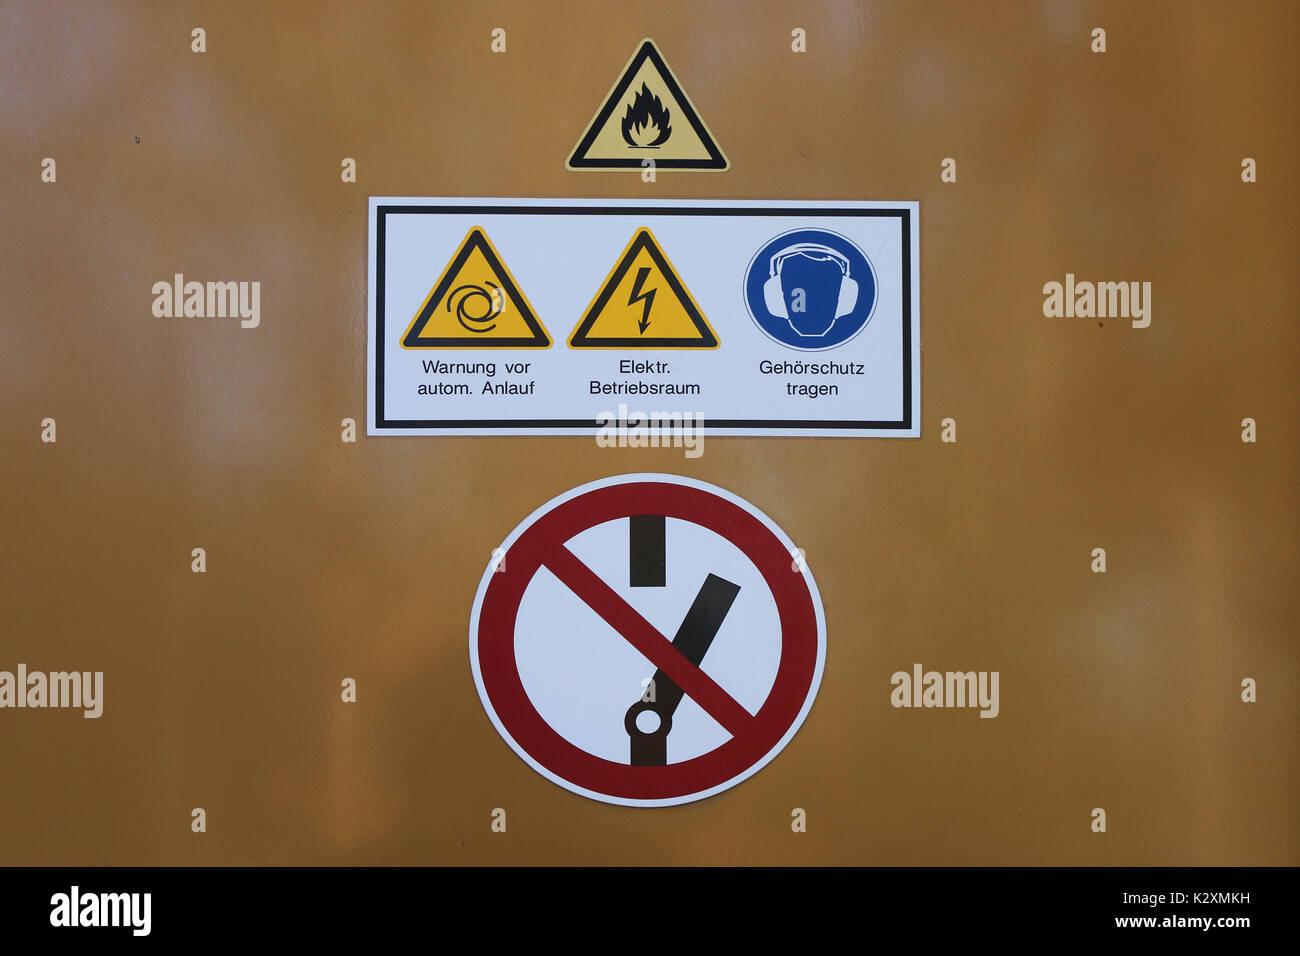 Elektrizitaet, elektrisch, Betrieb, Strom, Starkstrom, Sicherheitstipps, Abladen Stockbild